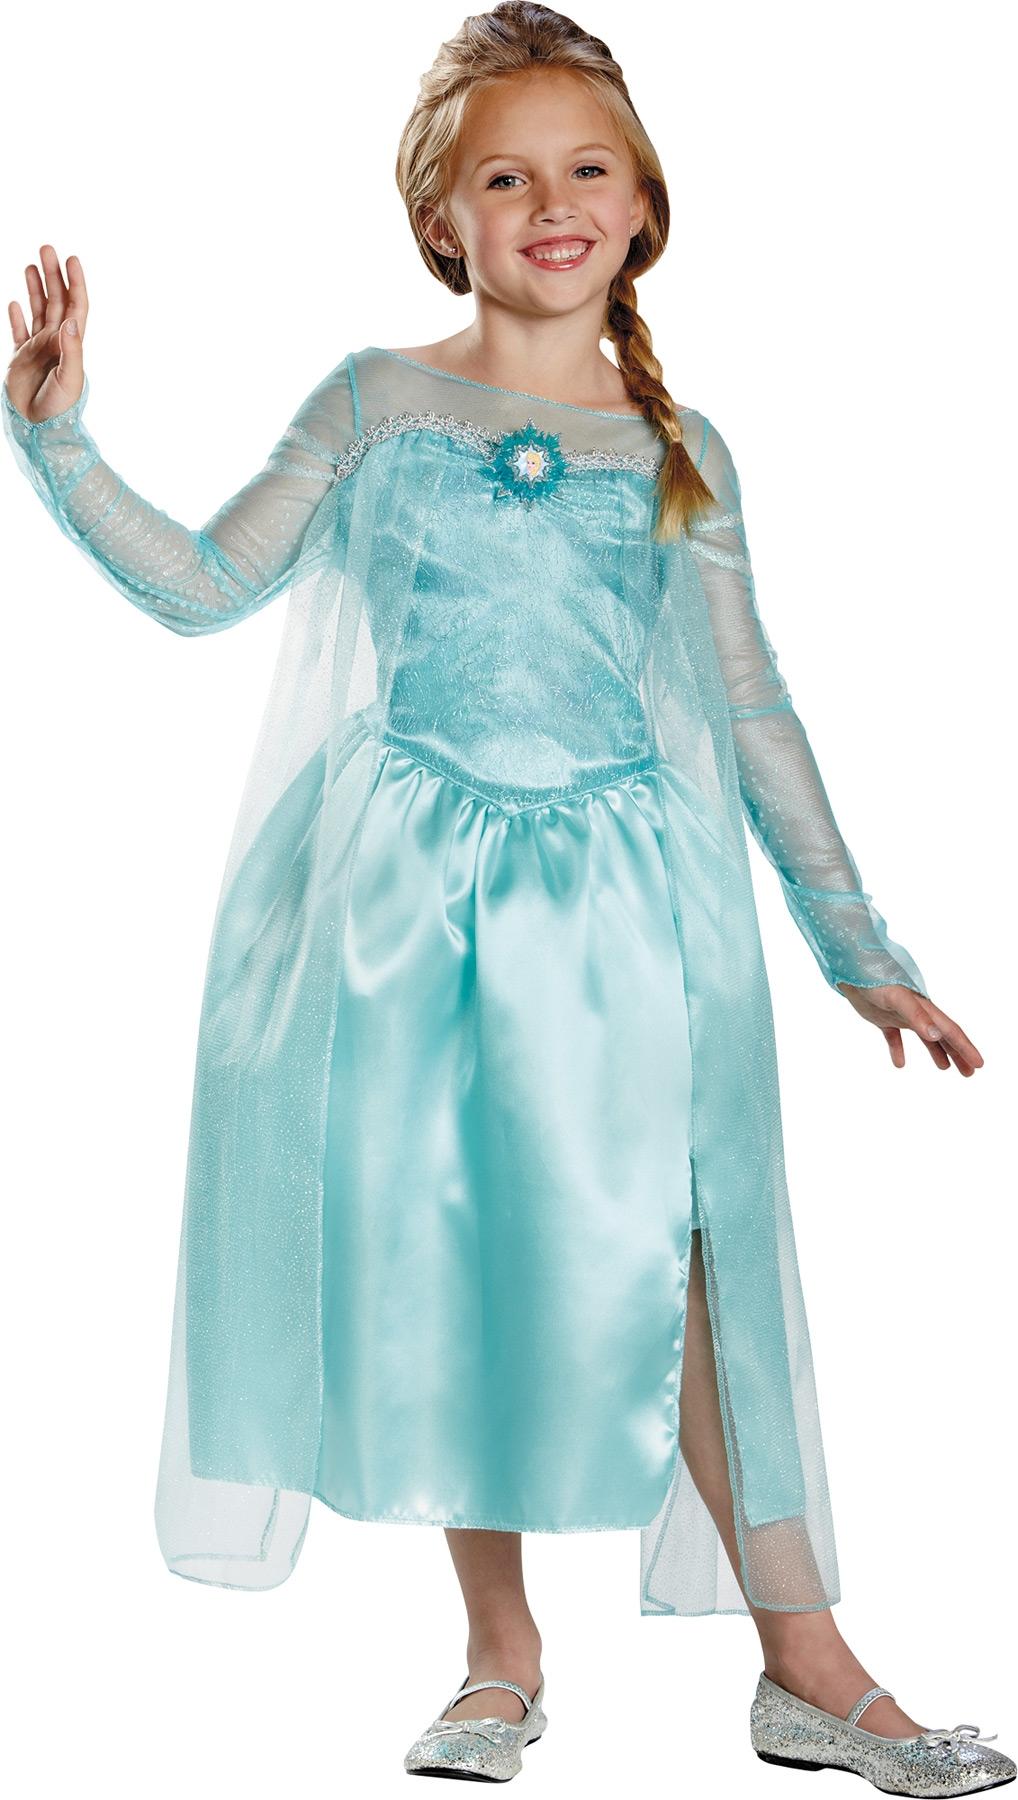 Детский костюм Королевы Эльзы (34) детский костюм королевы